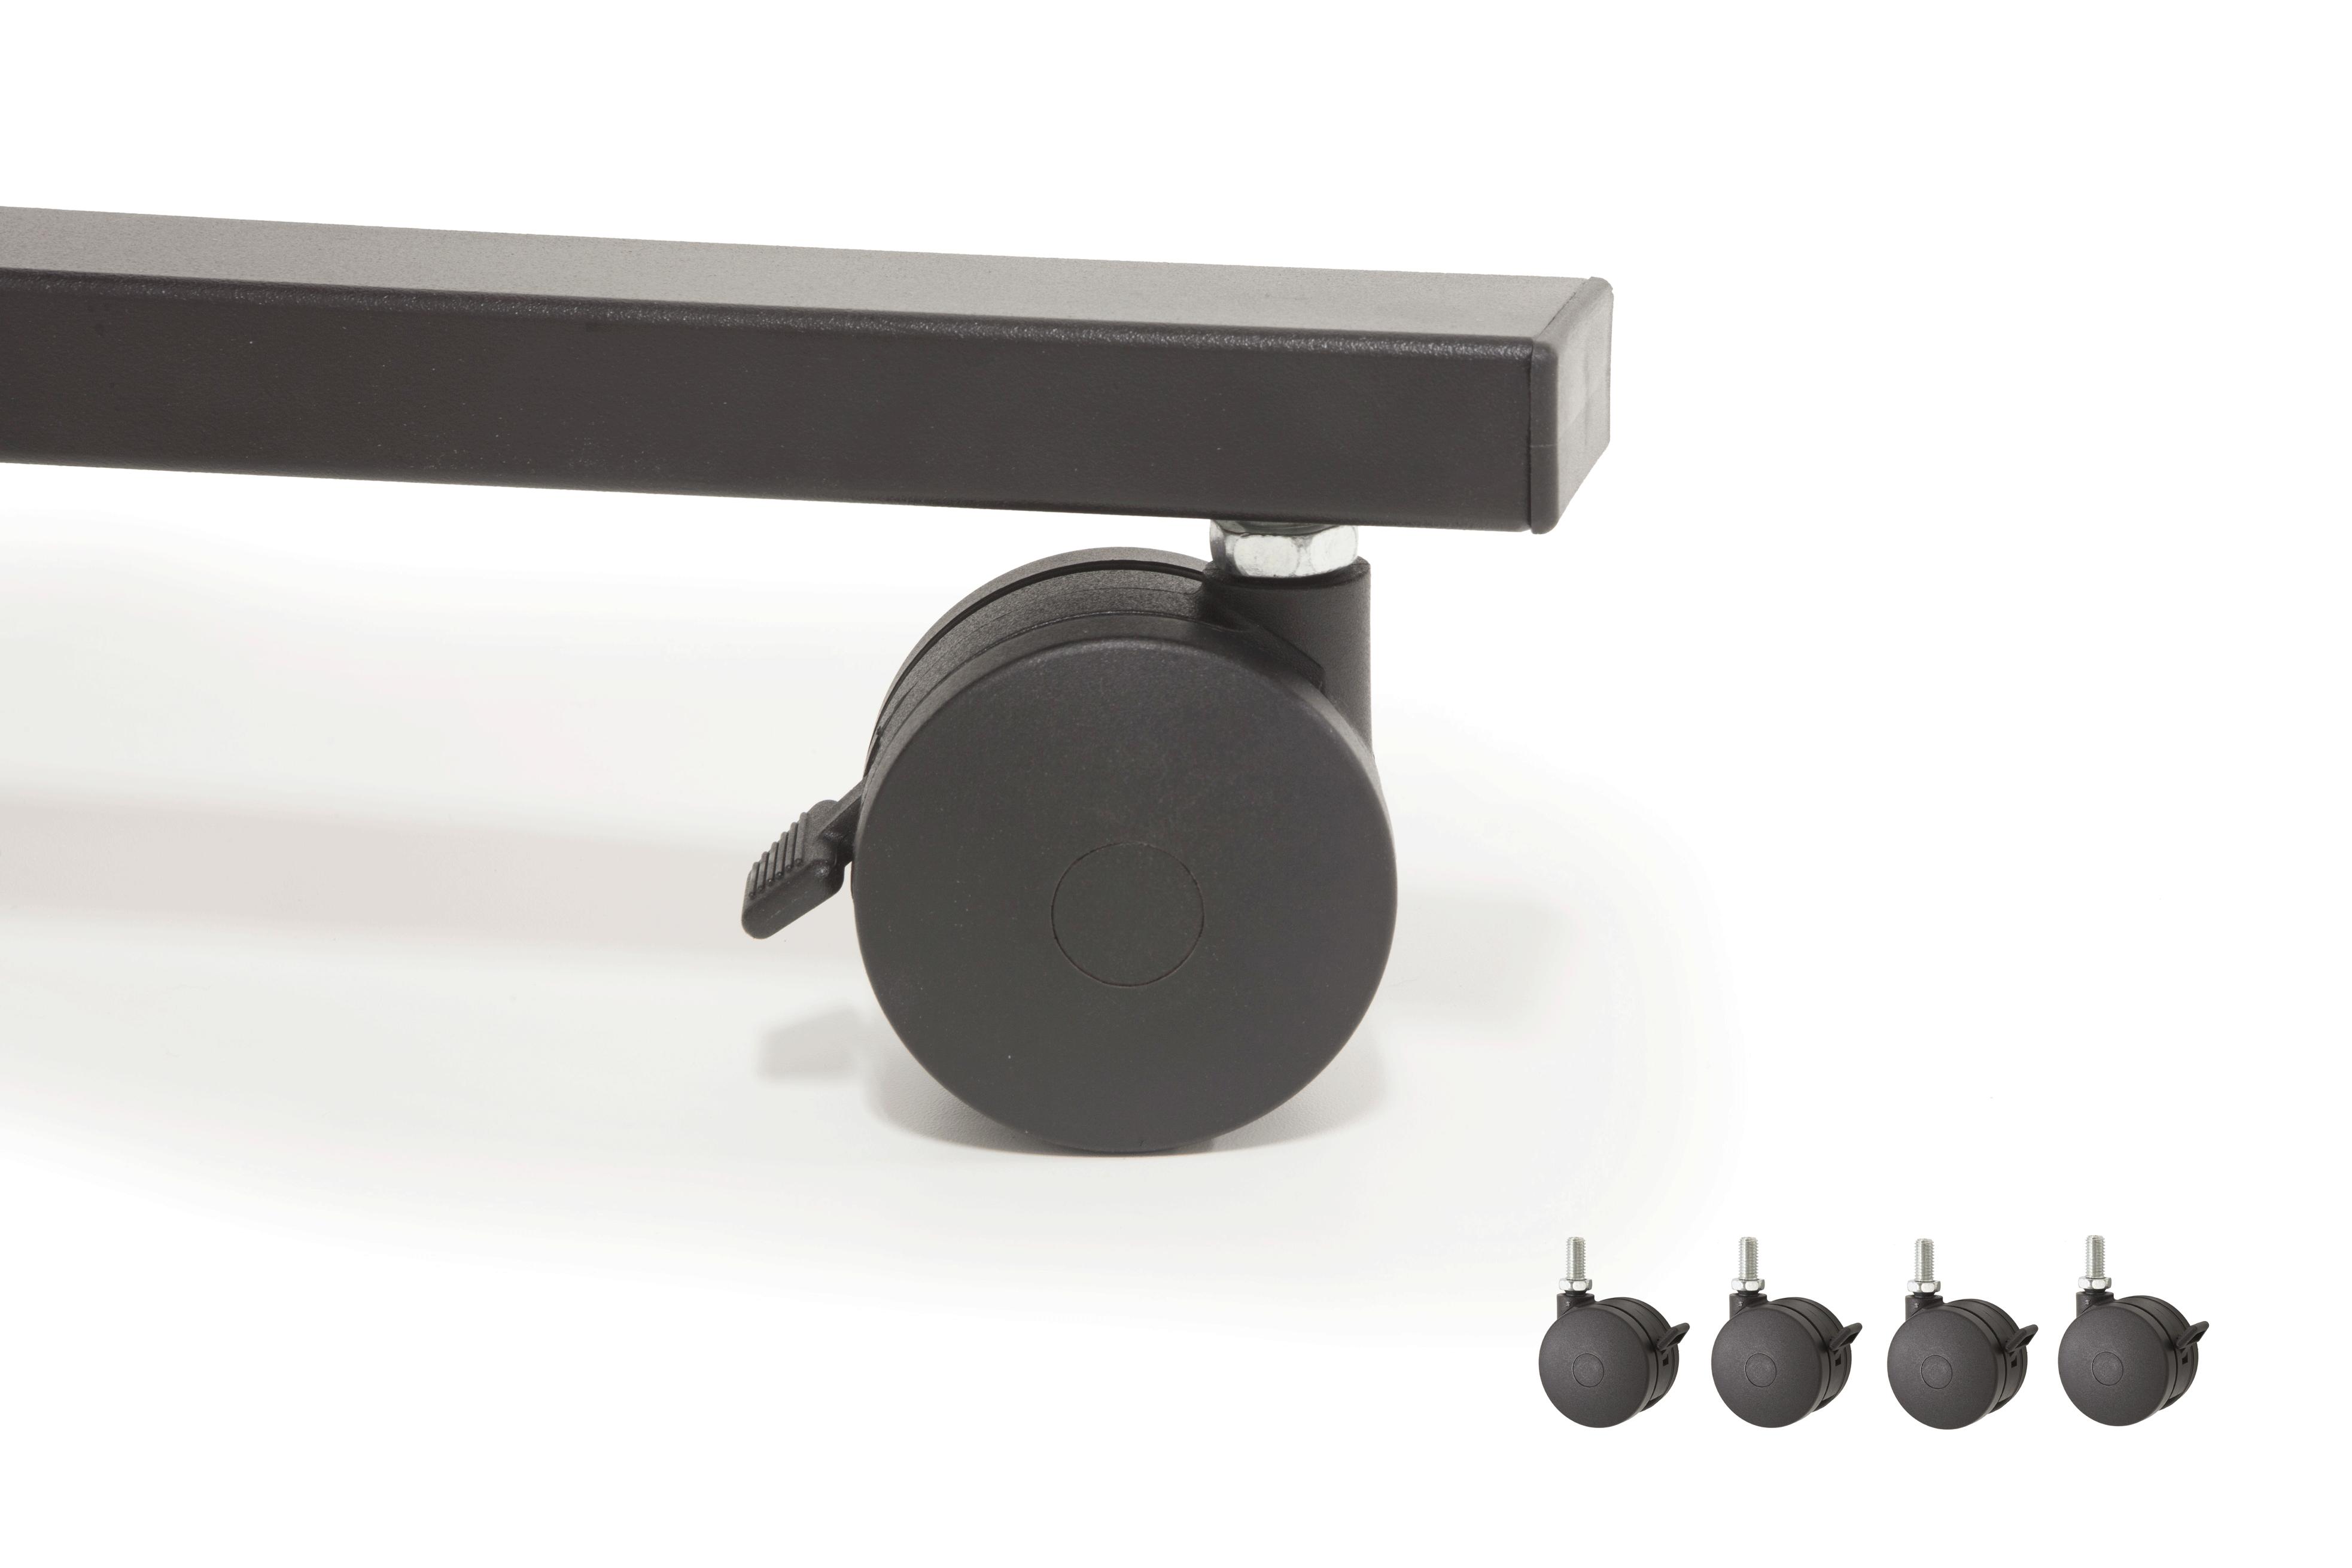 Caster Kit for Dual15 Workstation